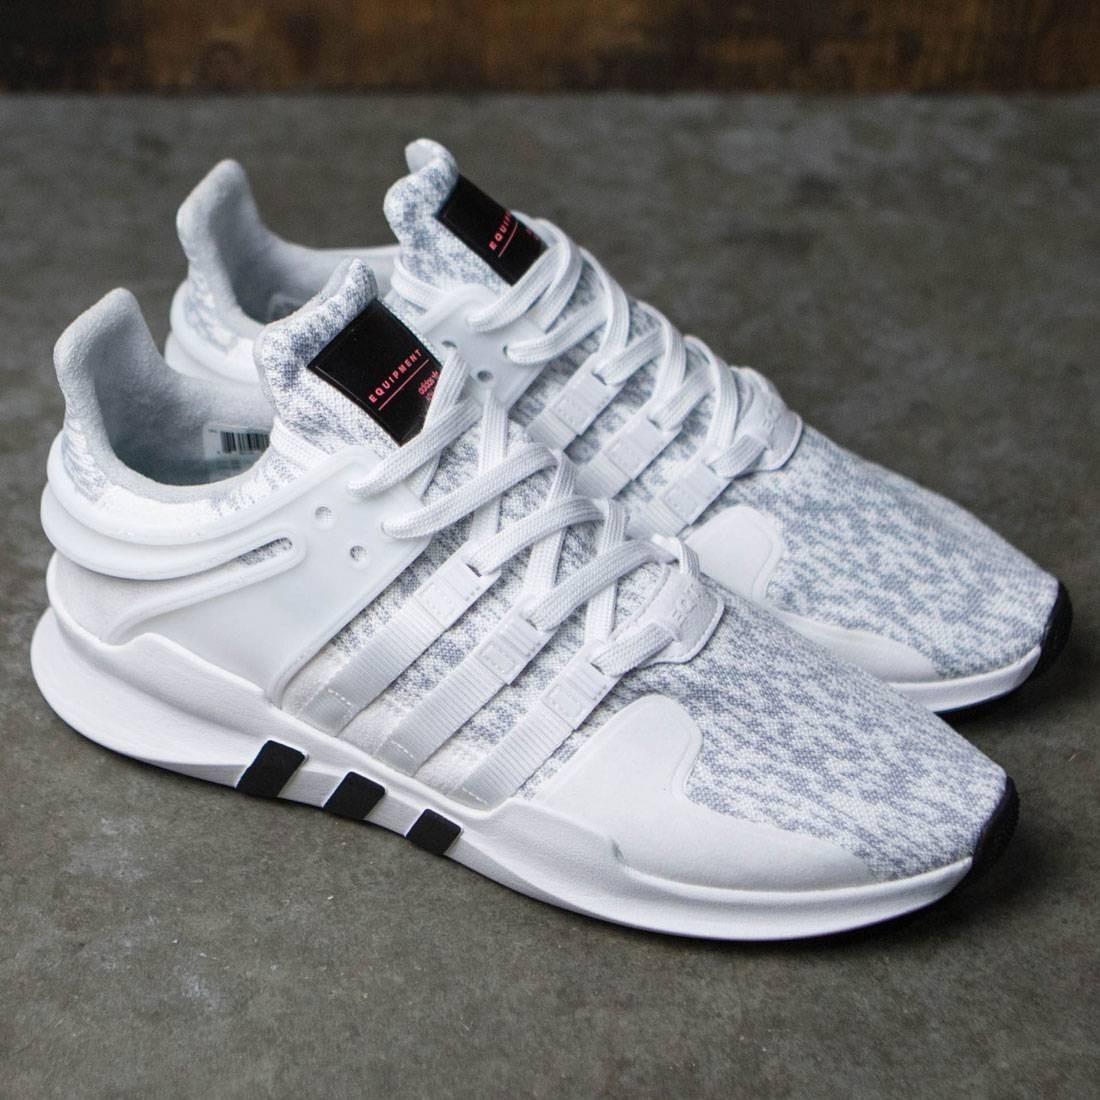 Adidas Eqt blanco